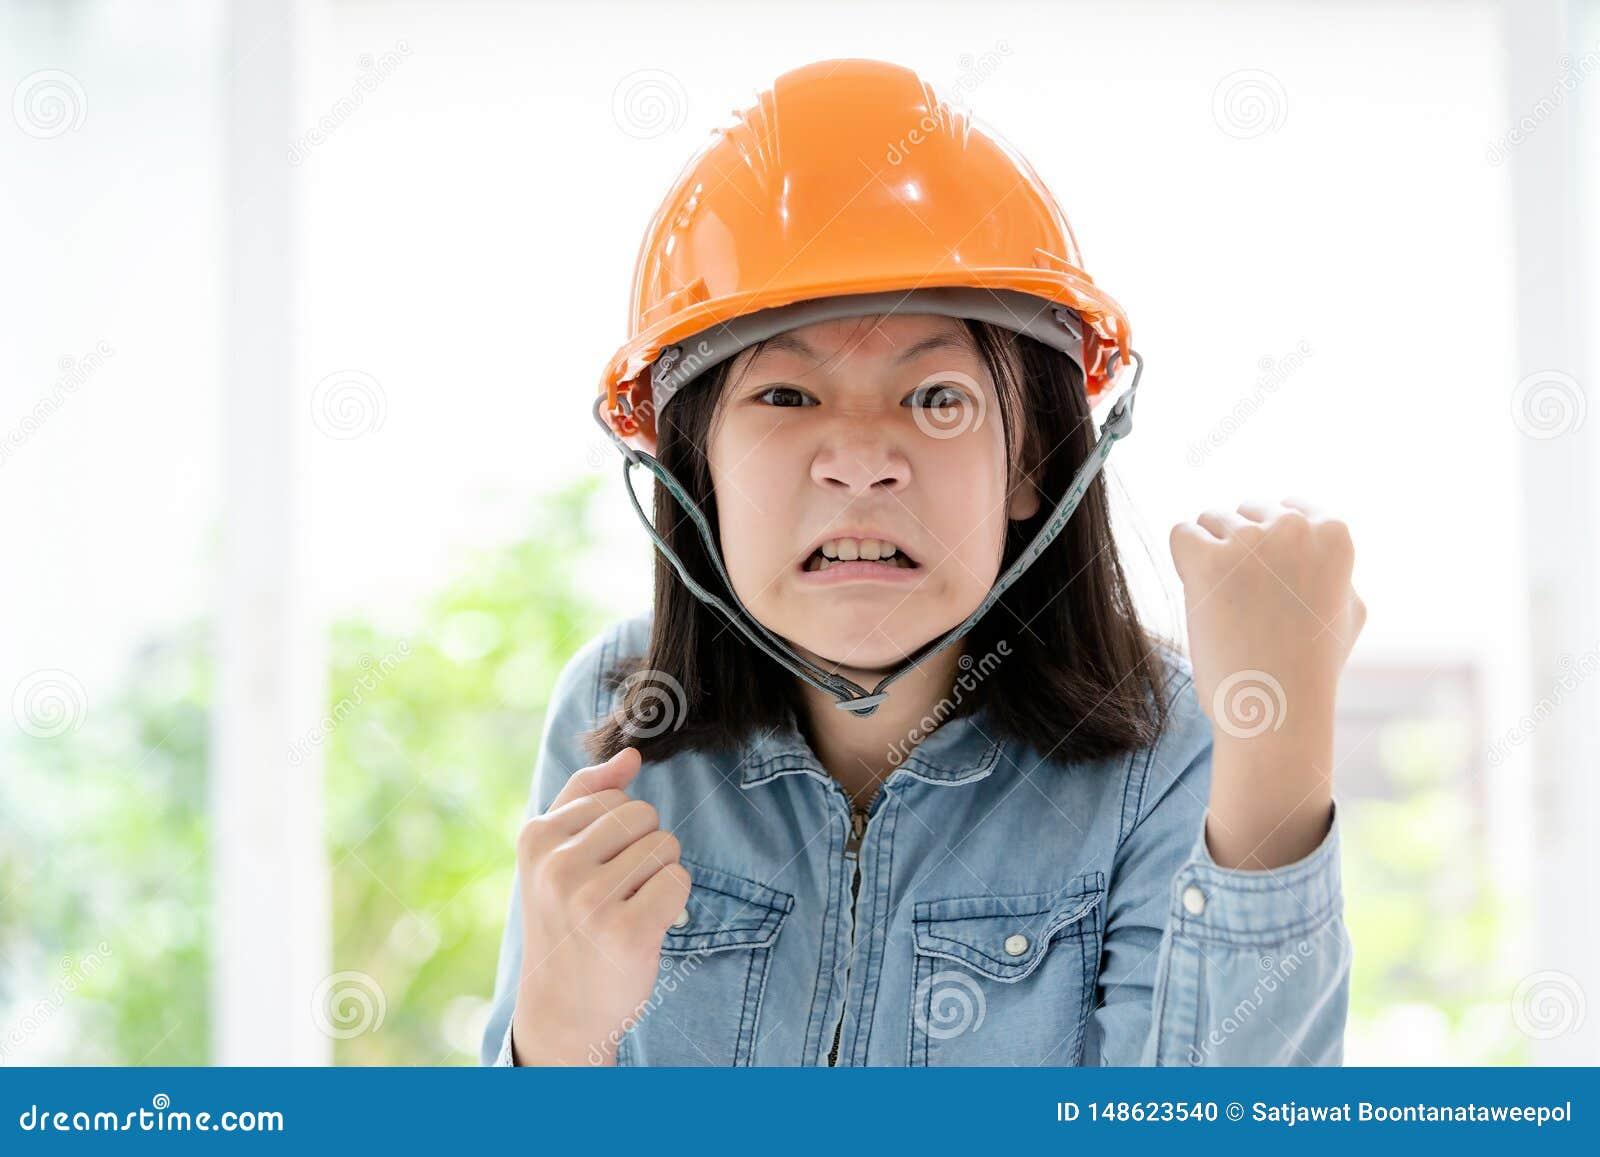 M?o asi?tica irritada da menina com gesto do punho com capacete de seguran?a ou capacete de seguran?a, retrato do close up do pun